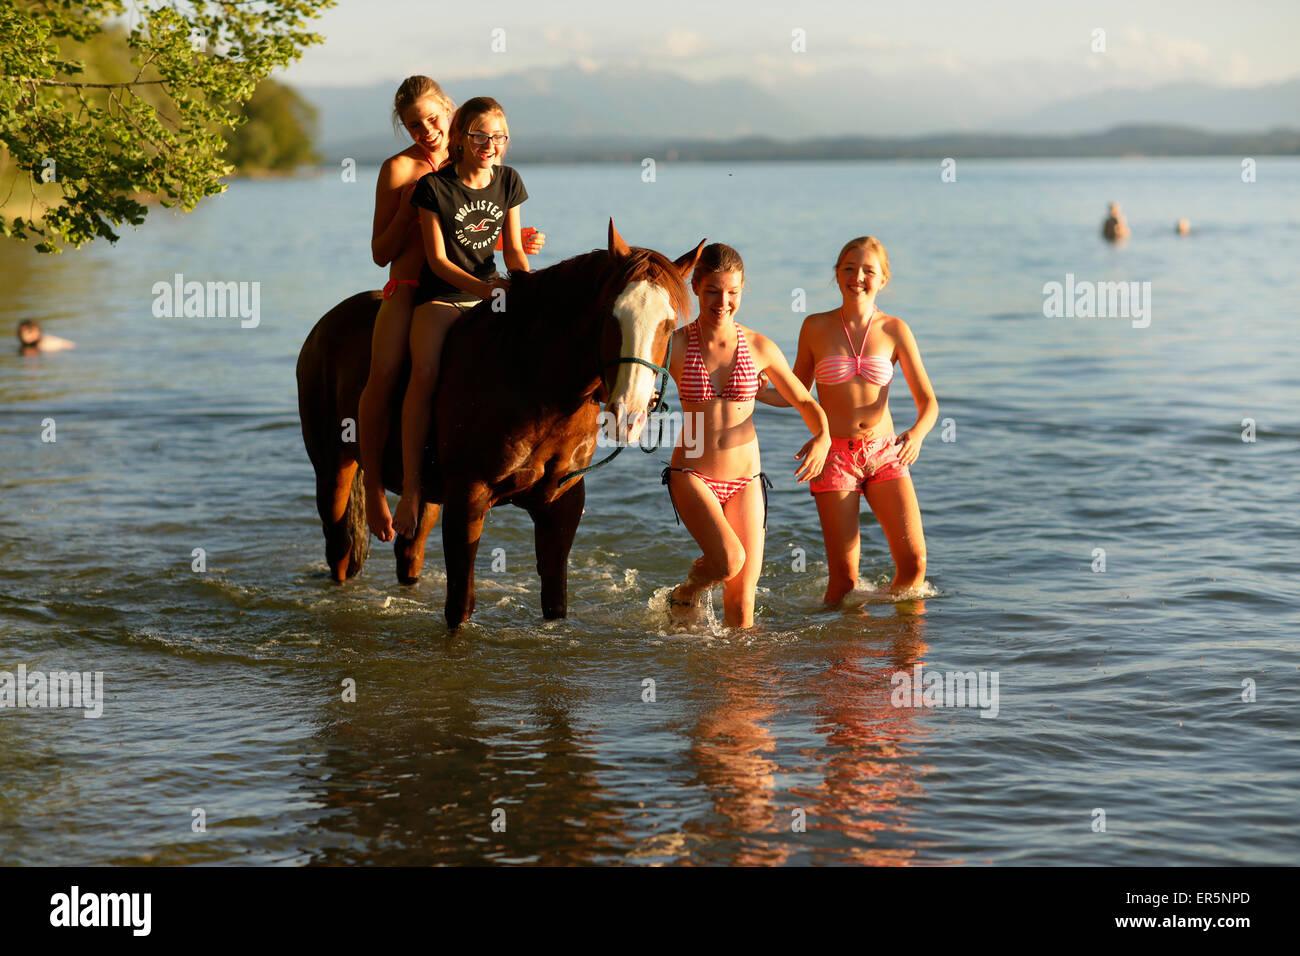 Vier Mädchen mit einem Pferd in See Starnberg, Ammerland, Munsing, Oberbayern, Deutschland Stockbild